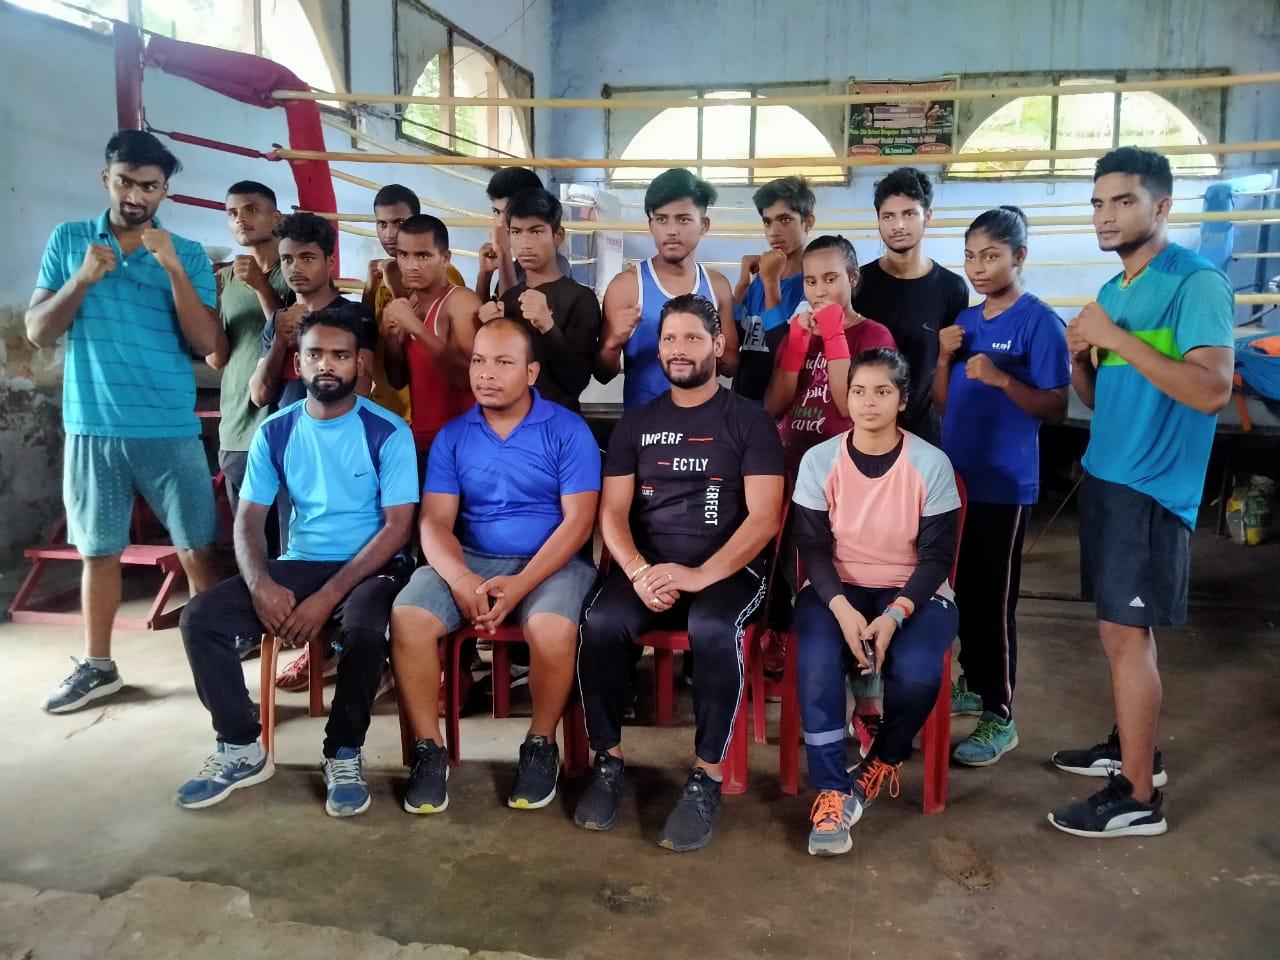 भागलपुर बॉक्सिंग टीम पटना होगी रवाना, खिलाड़ियों का मनोबल बढ़ाने के लिए दिए शुभकामनाएं